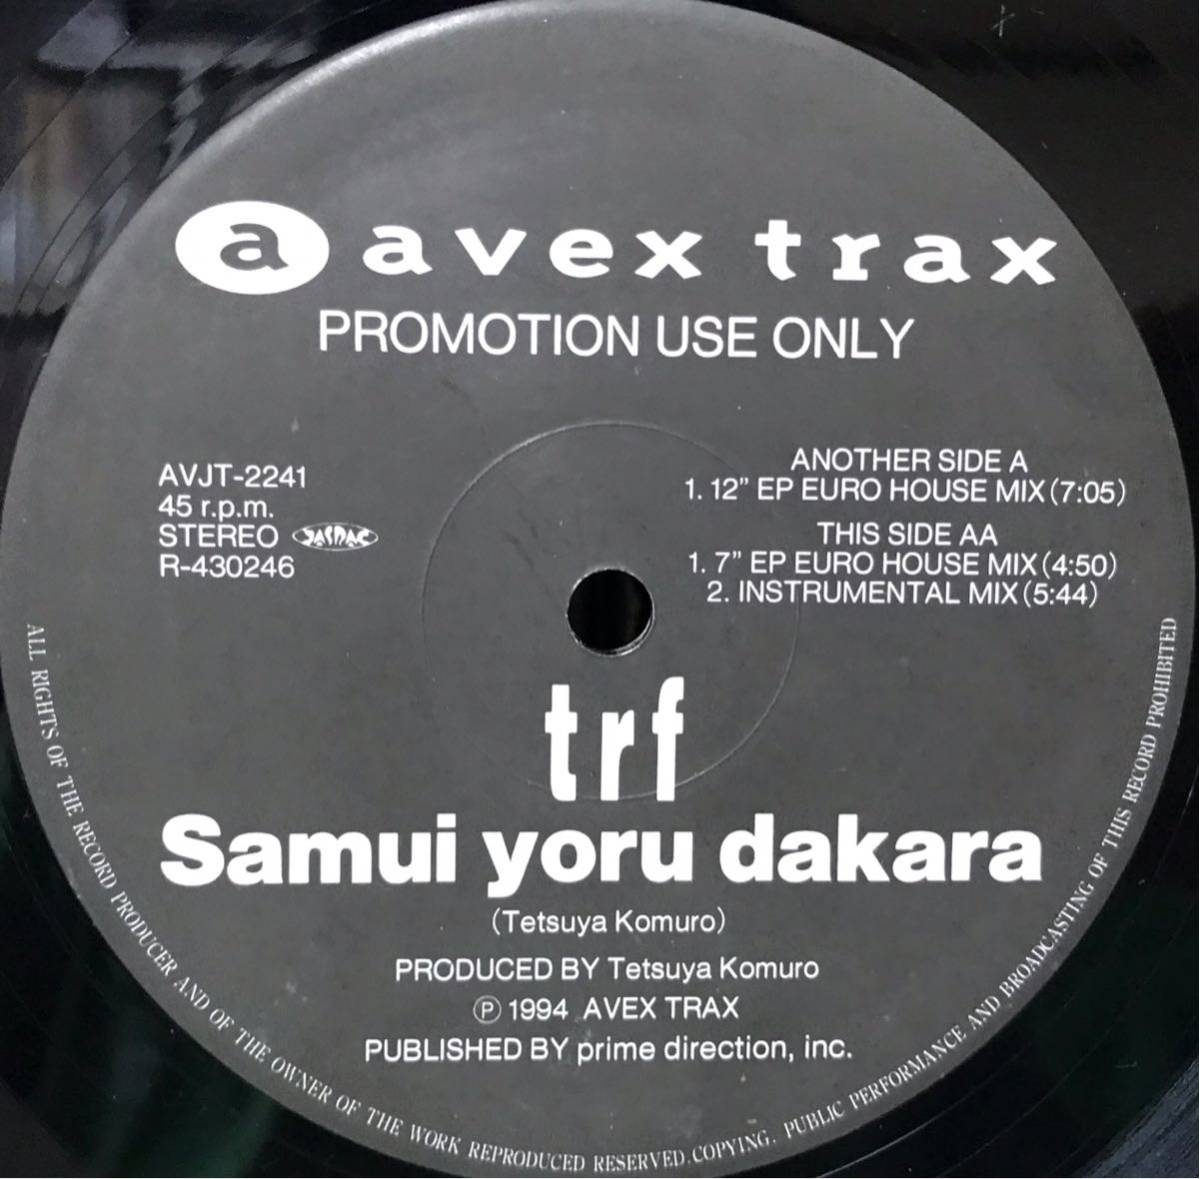 プロモ盤 trf TRF / 寒い夜だから12inchレコード その他にもプロモーション盤 レア盤 人気レコード 多数出品中